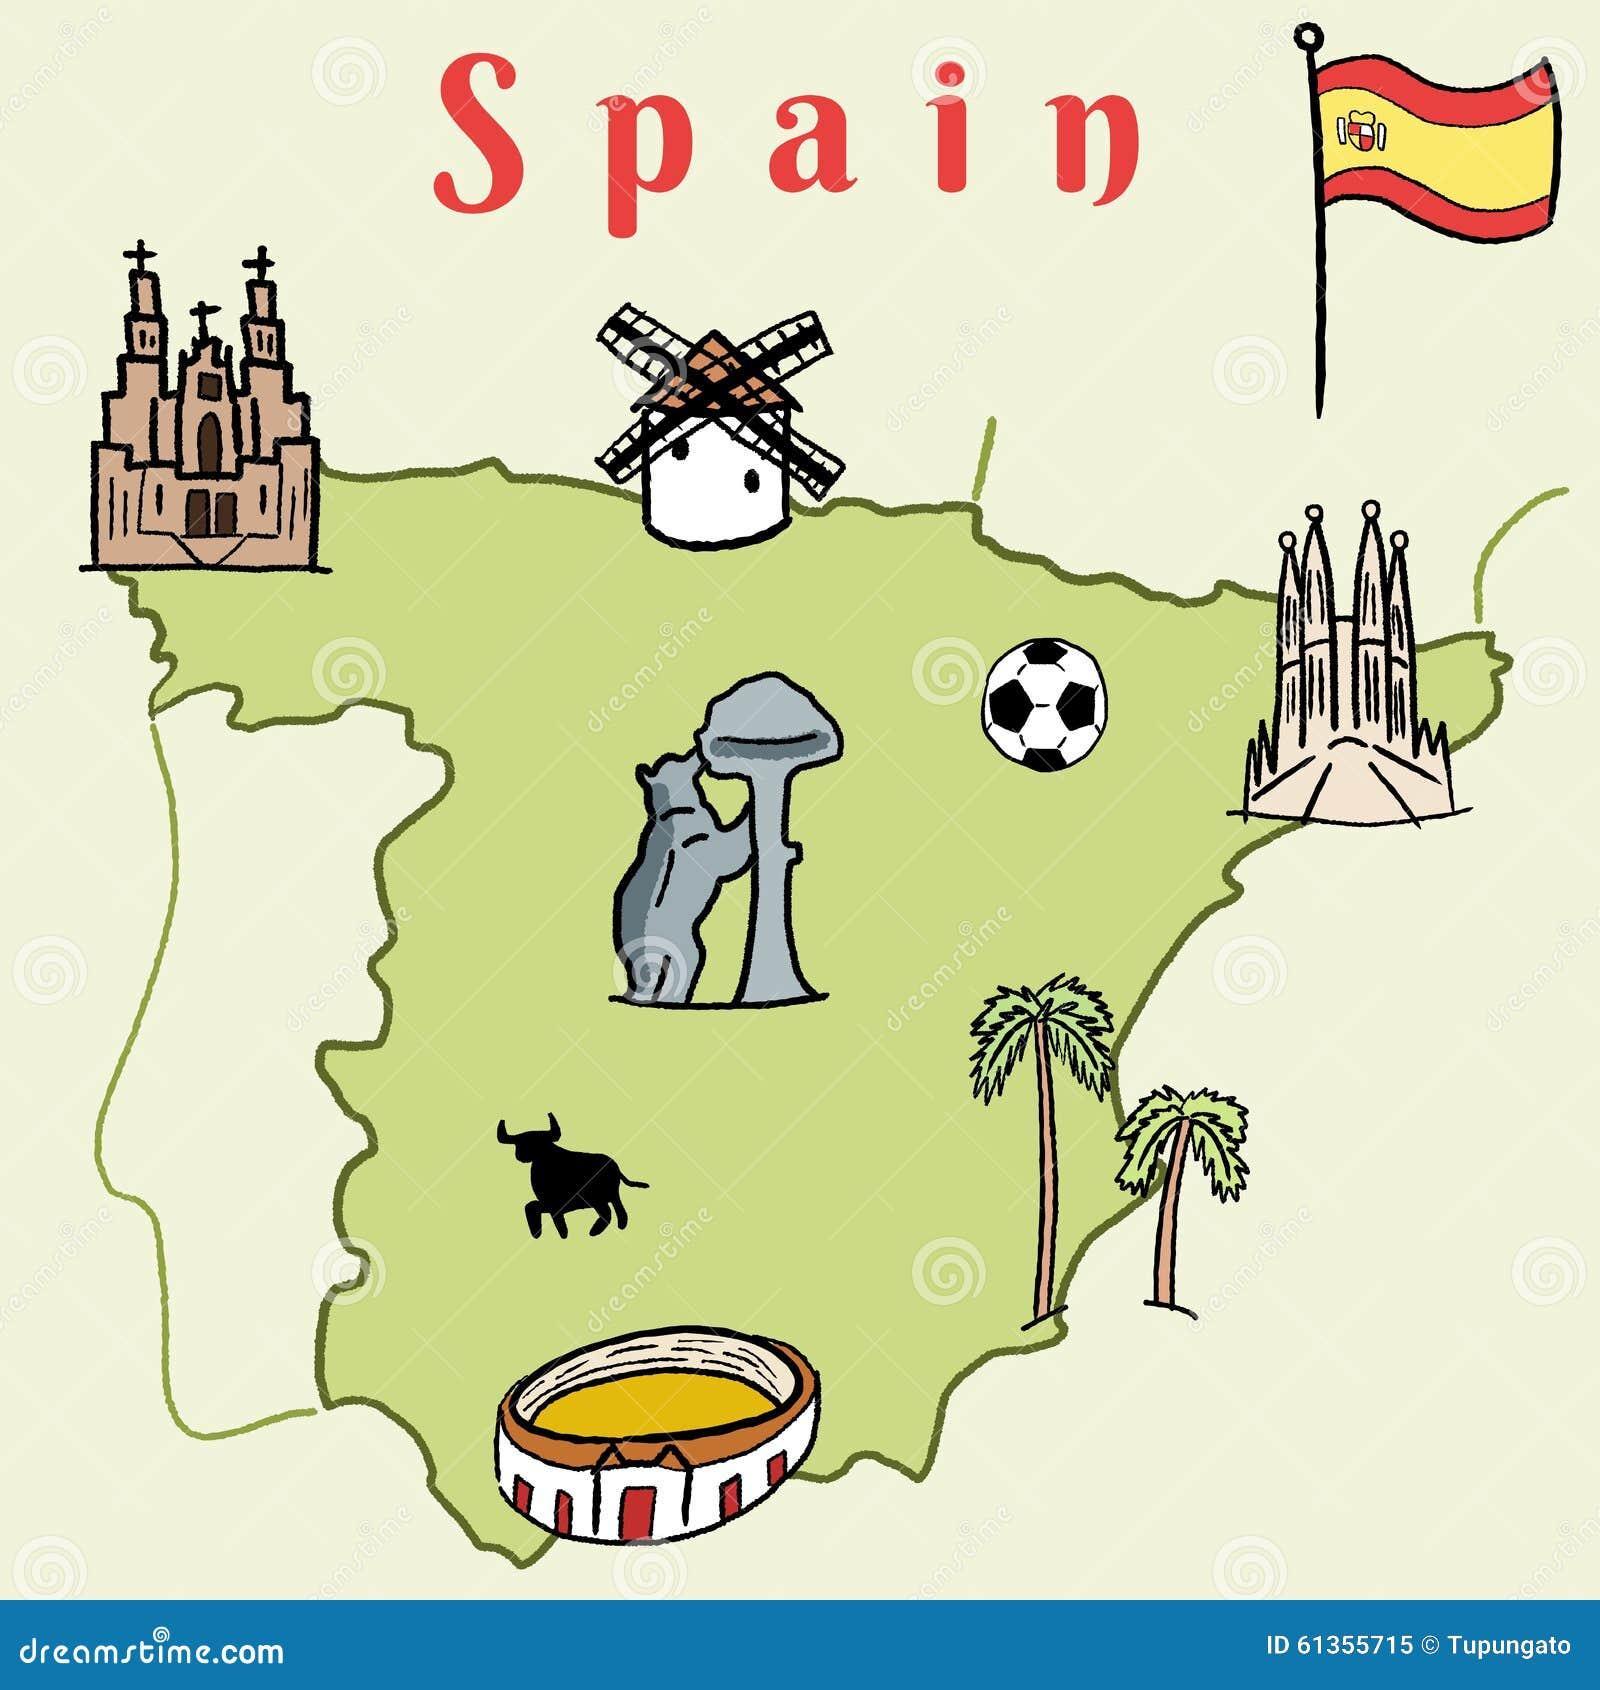 Map Of Spain Showing Seville.Spain Landmarks Stock Vector Illustration Of Seville 61355715